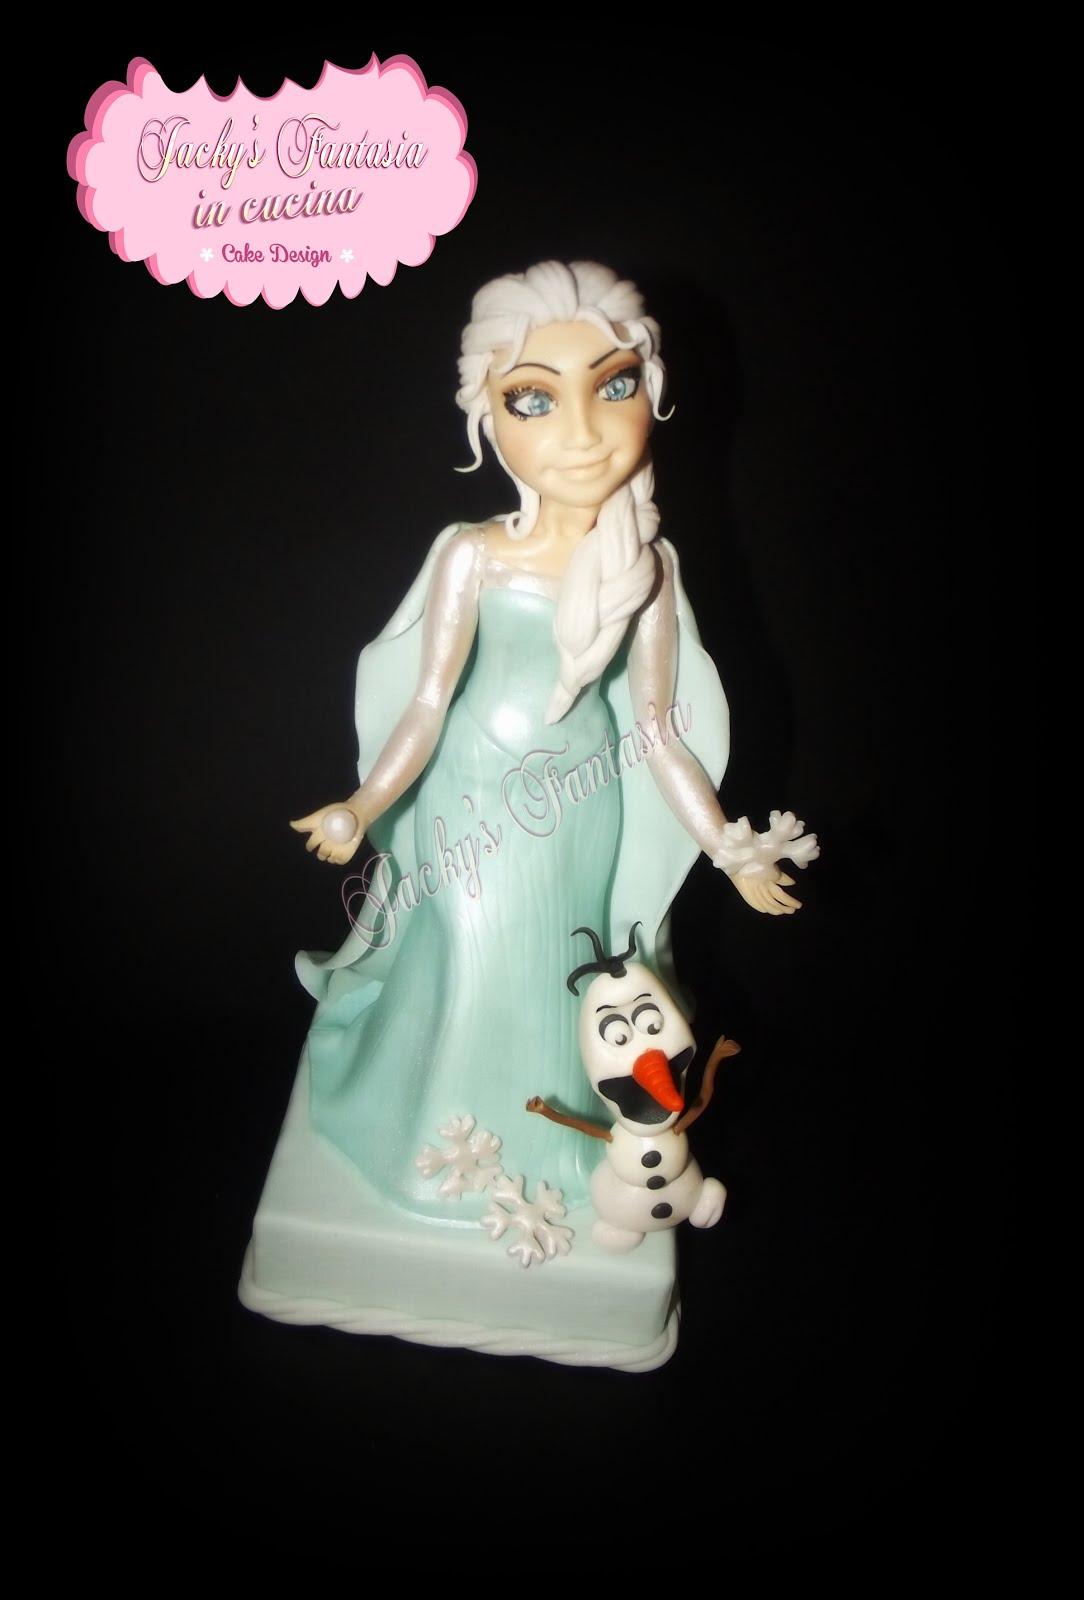 La mia Elsa in pasta di zucchero!